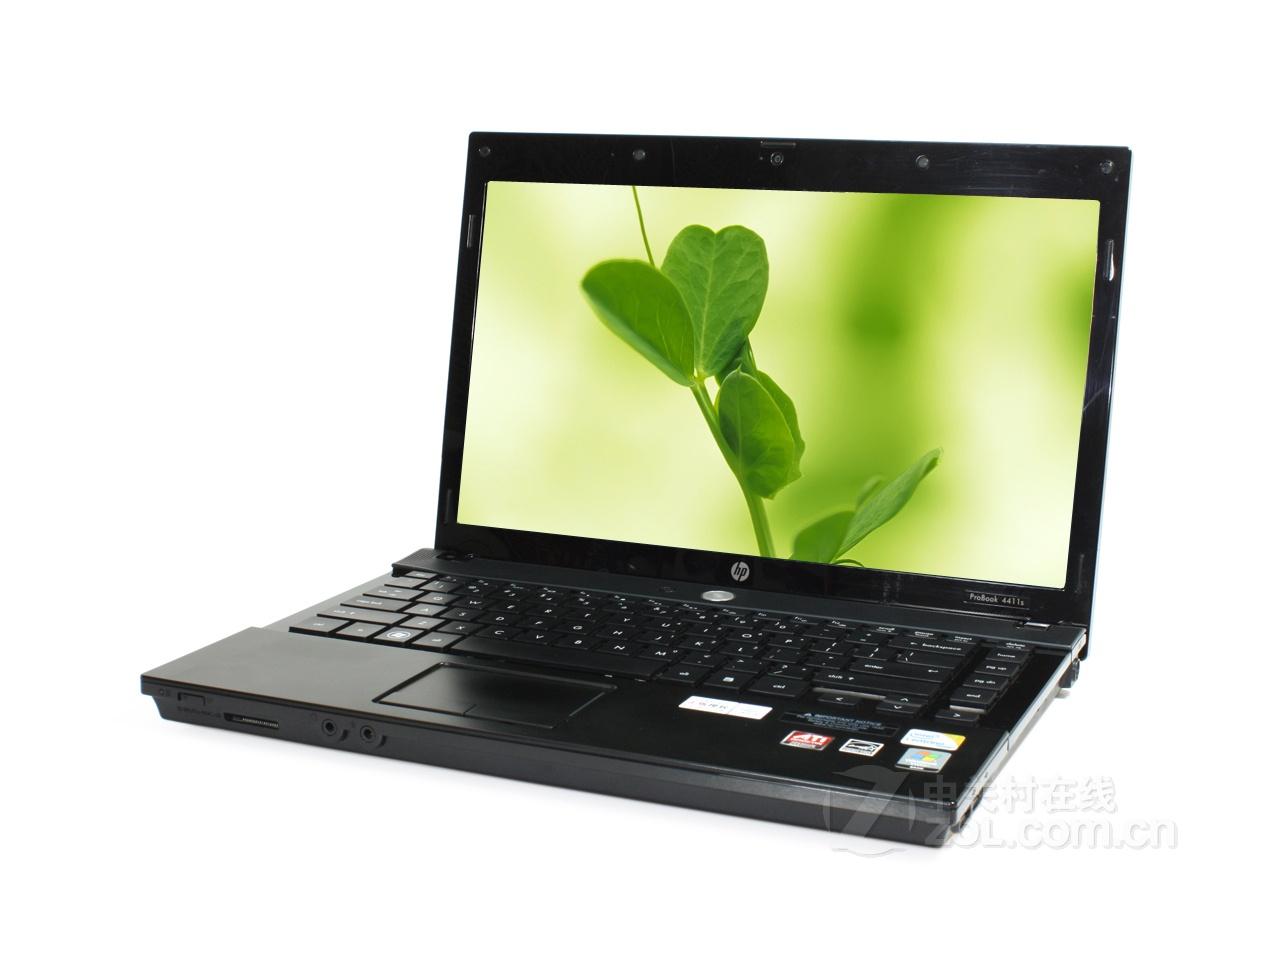 惠普4411s WH481PA 笔记本电脑评测图解